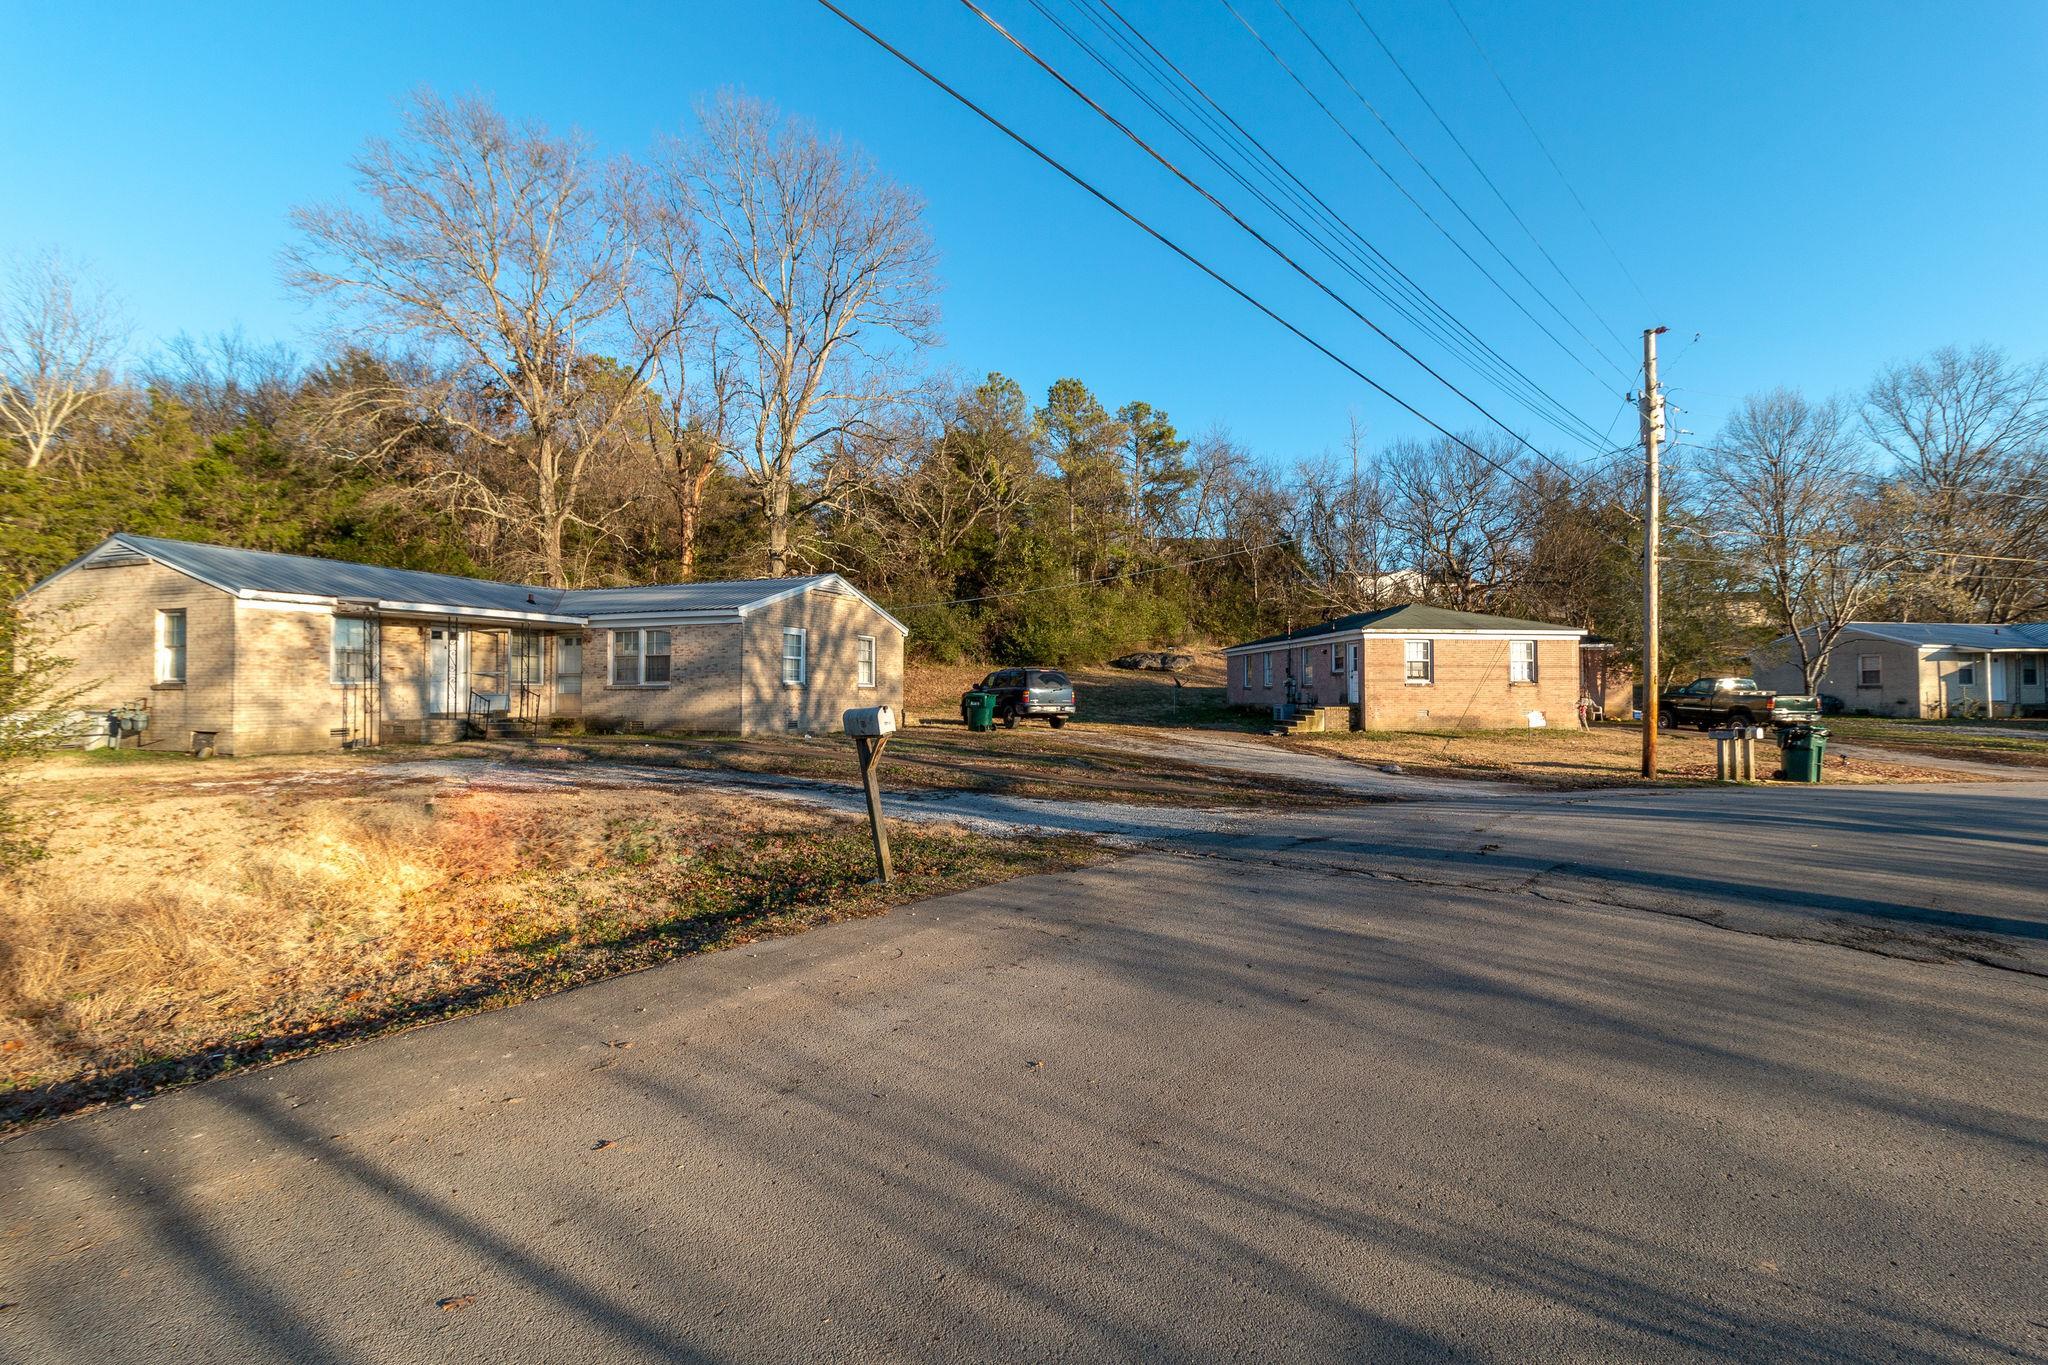 412 Longmeadow Circle, Pulaski, TN 38478 - Pulaski, TN real estate listing